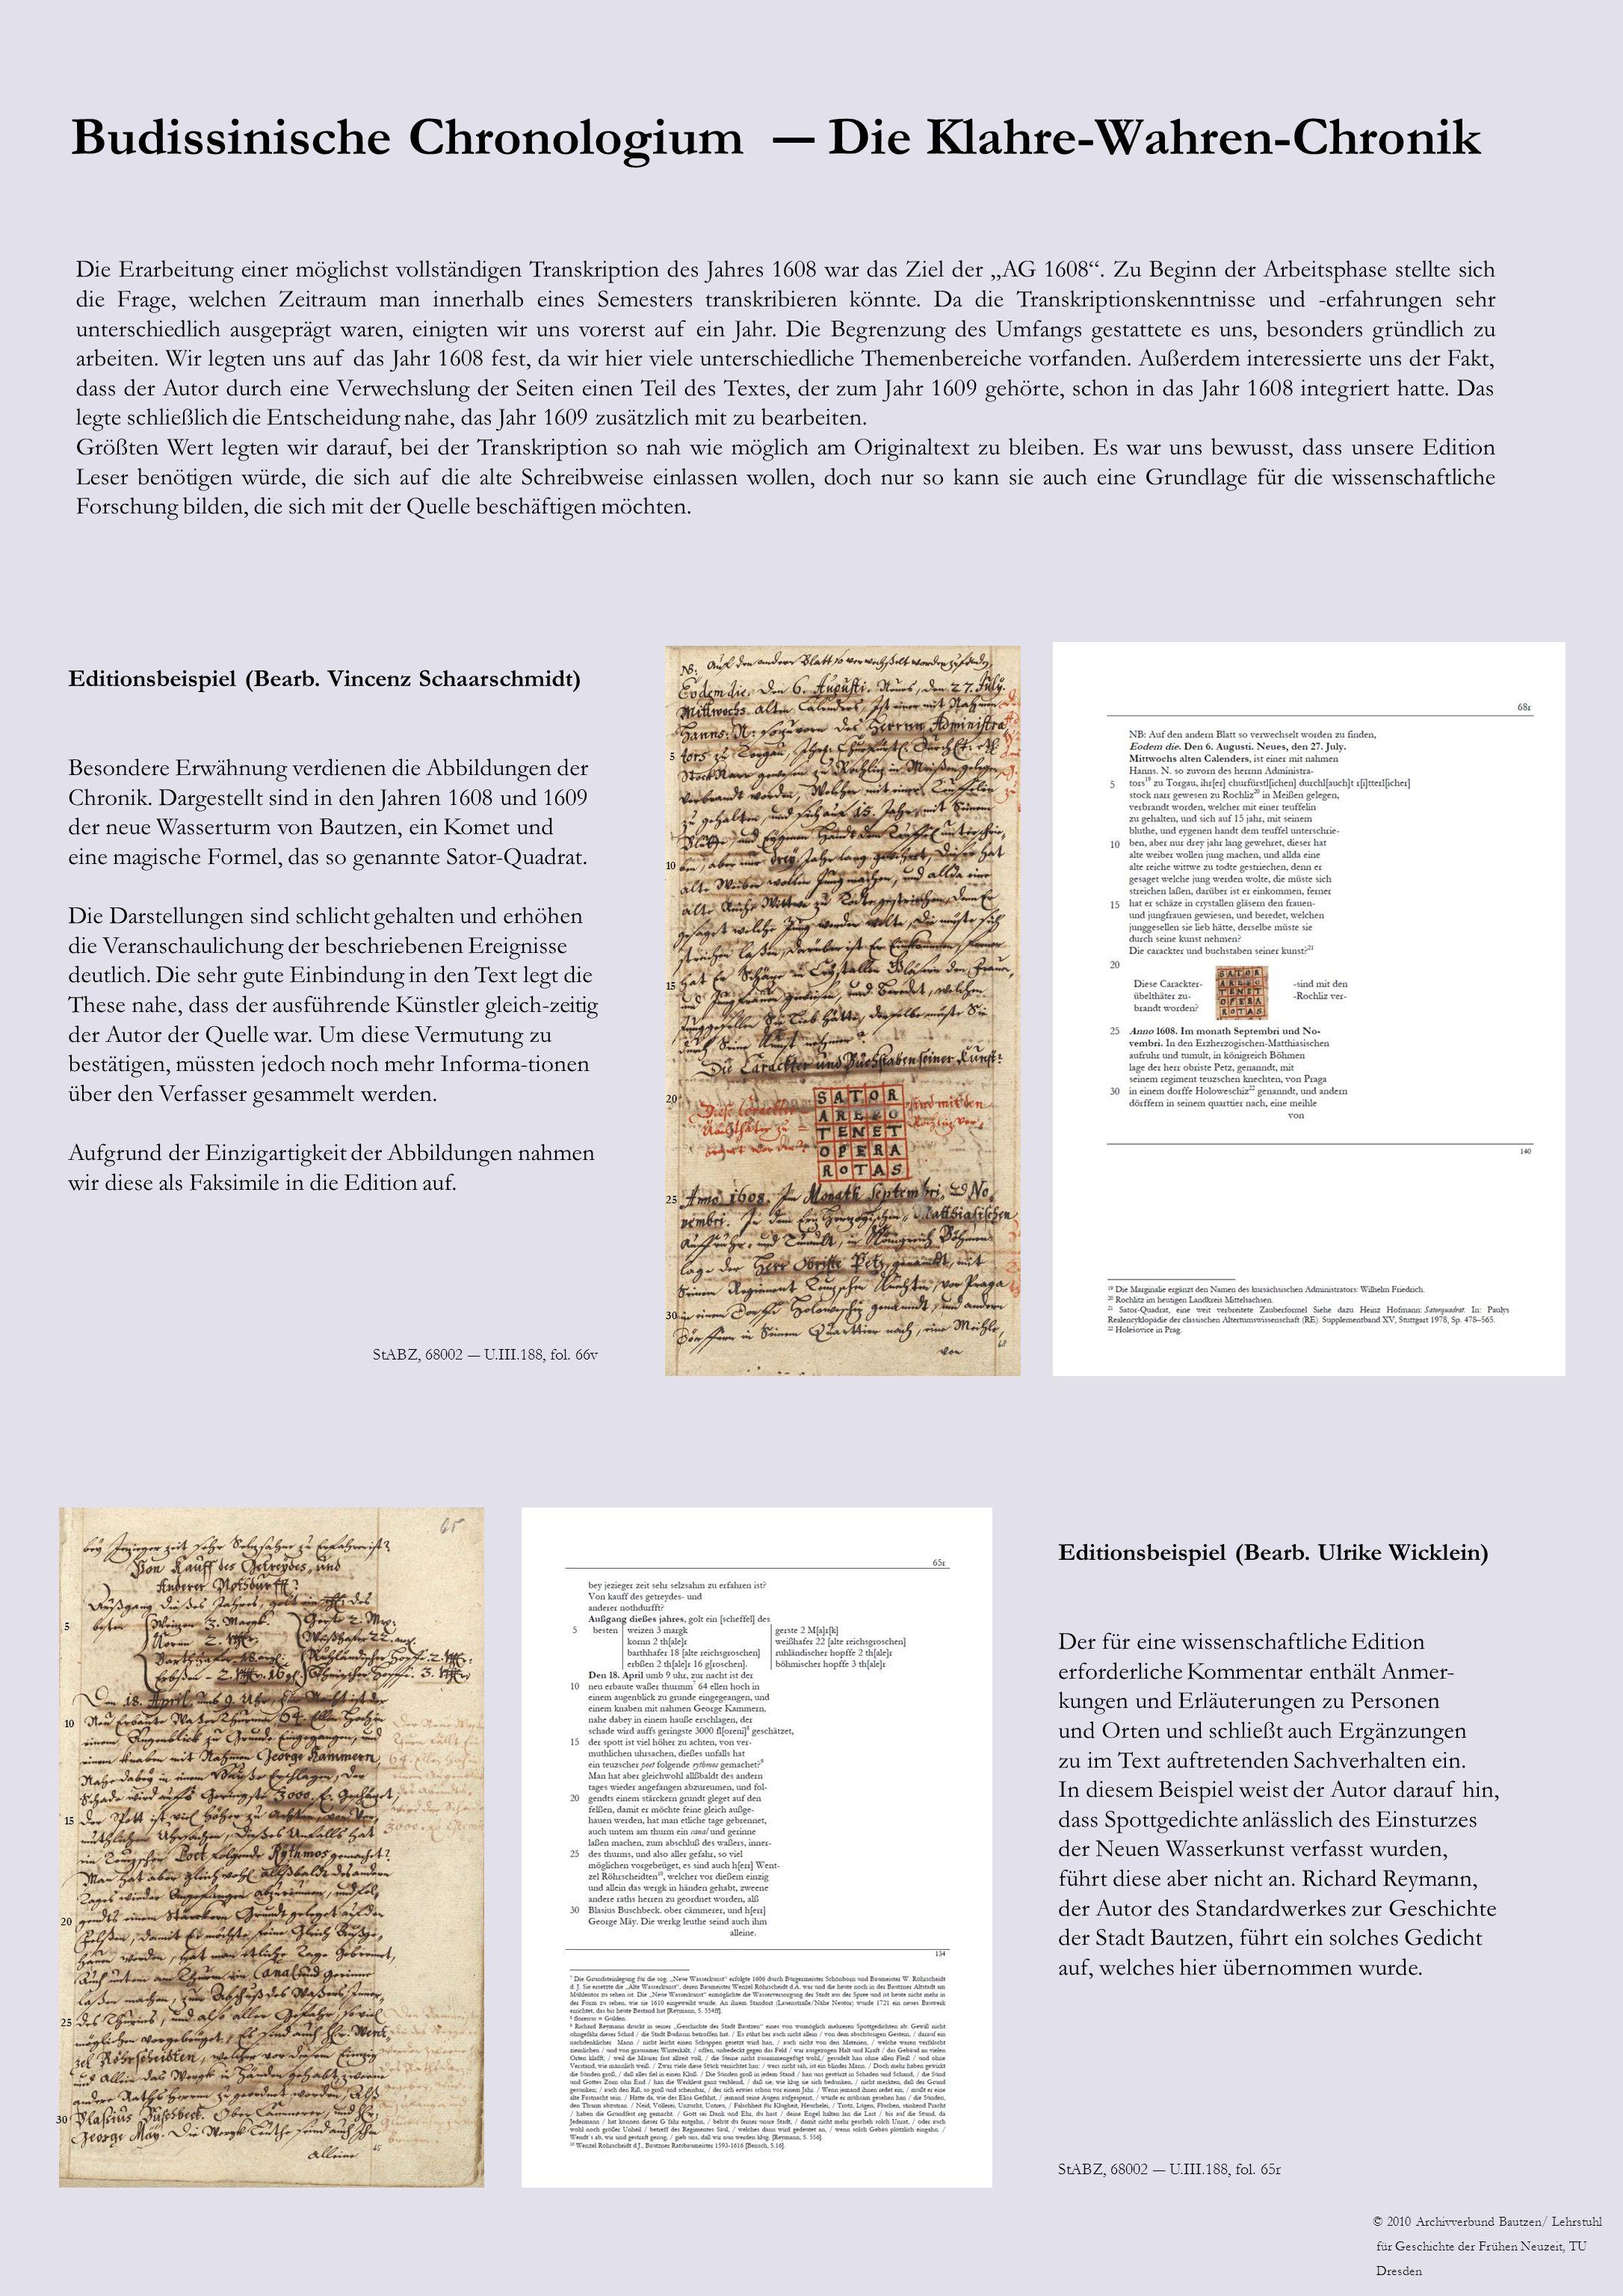 Budissinische Chronologium Die Klahre-Wahren-Chronik 5 10 15 20 25 30 5 10 15 20 25 30 5 10 15 20 25 30 © 2010 Archivverbund Bautzen/ Lehrstuhl für Ge